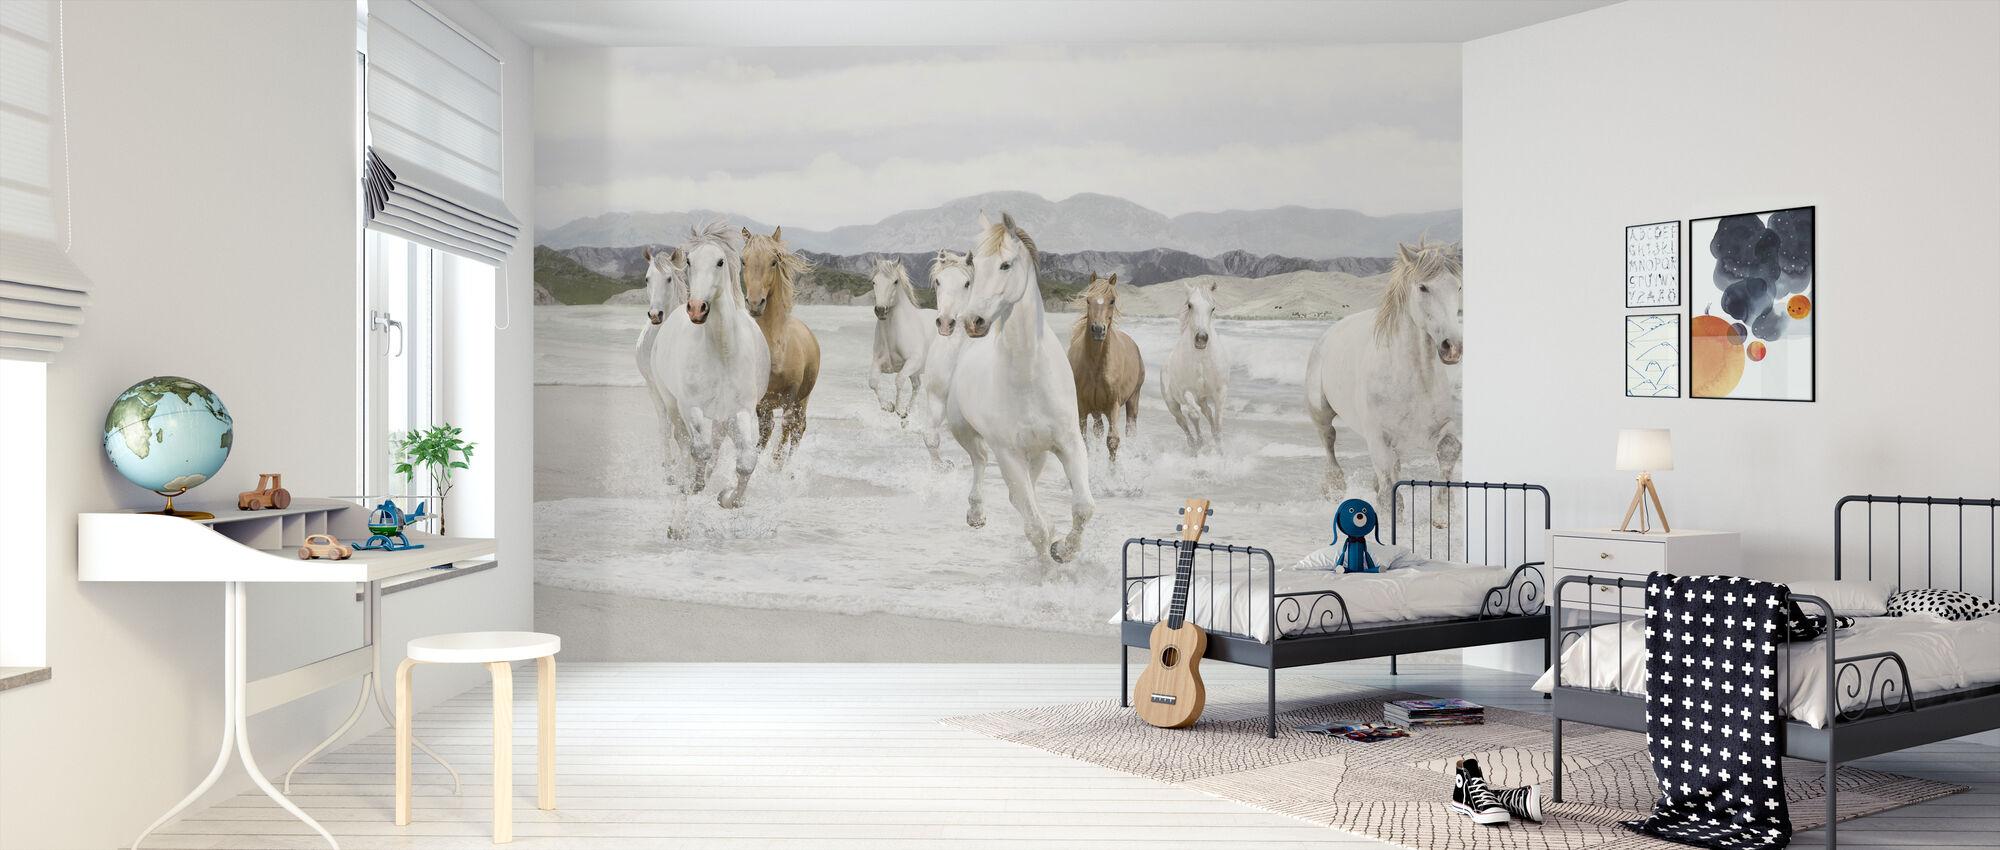 Wilde Paarden - Behang - Kinderkamer